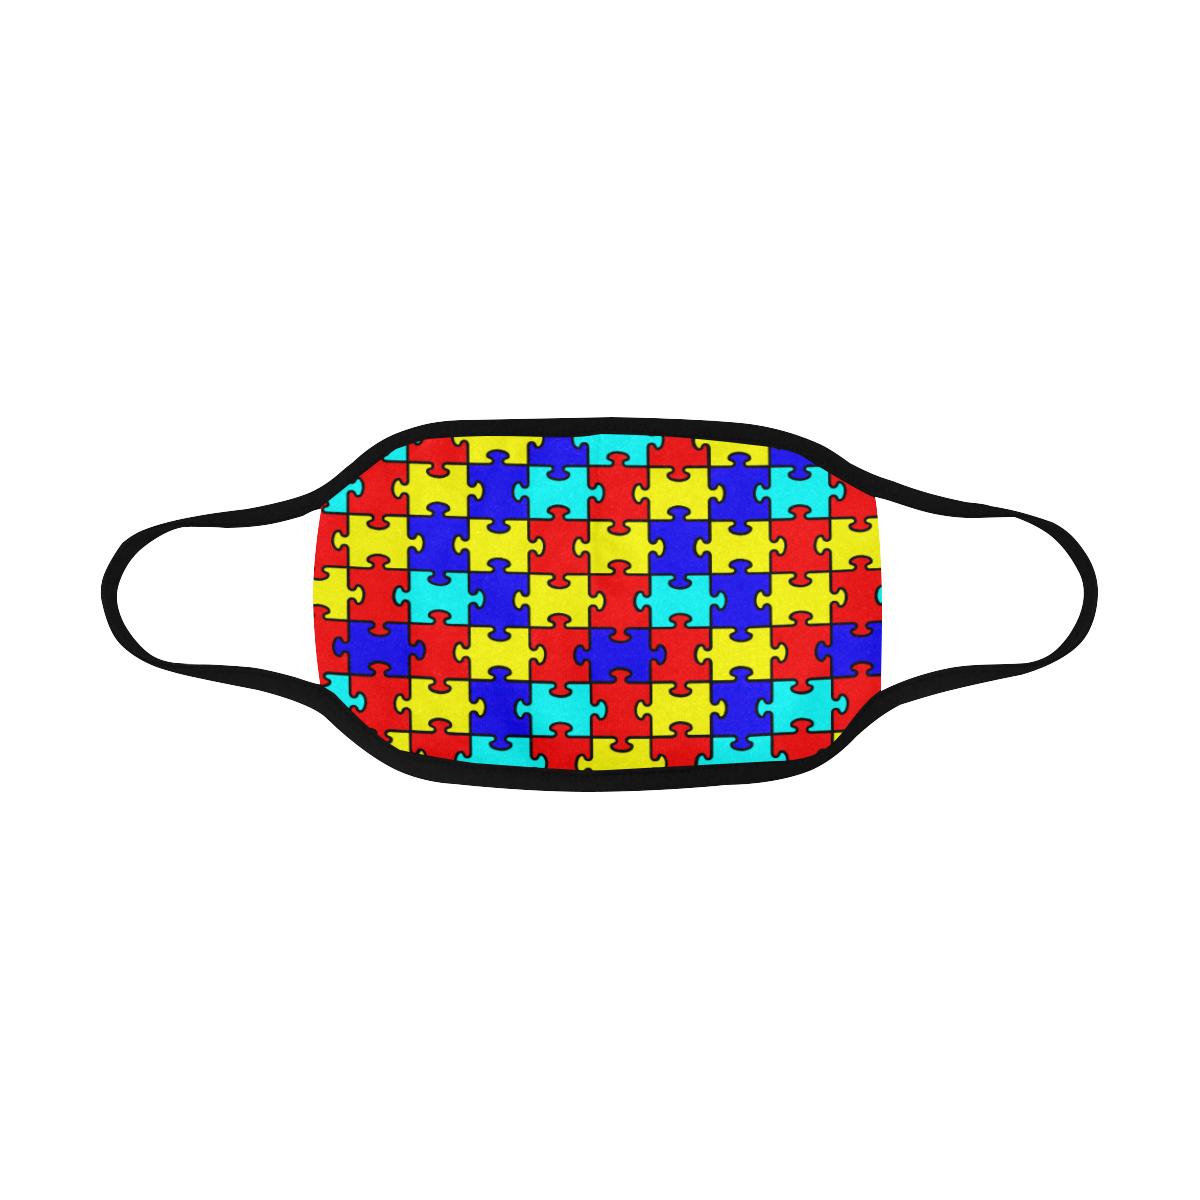 Autism Awareness Face Mask - Adults Mask PM2.5